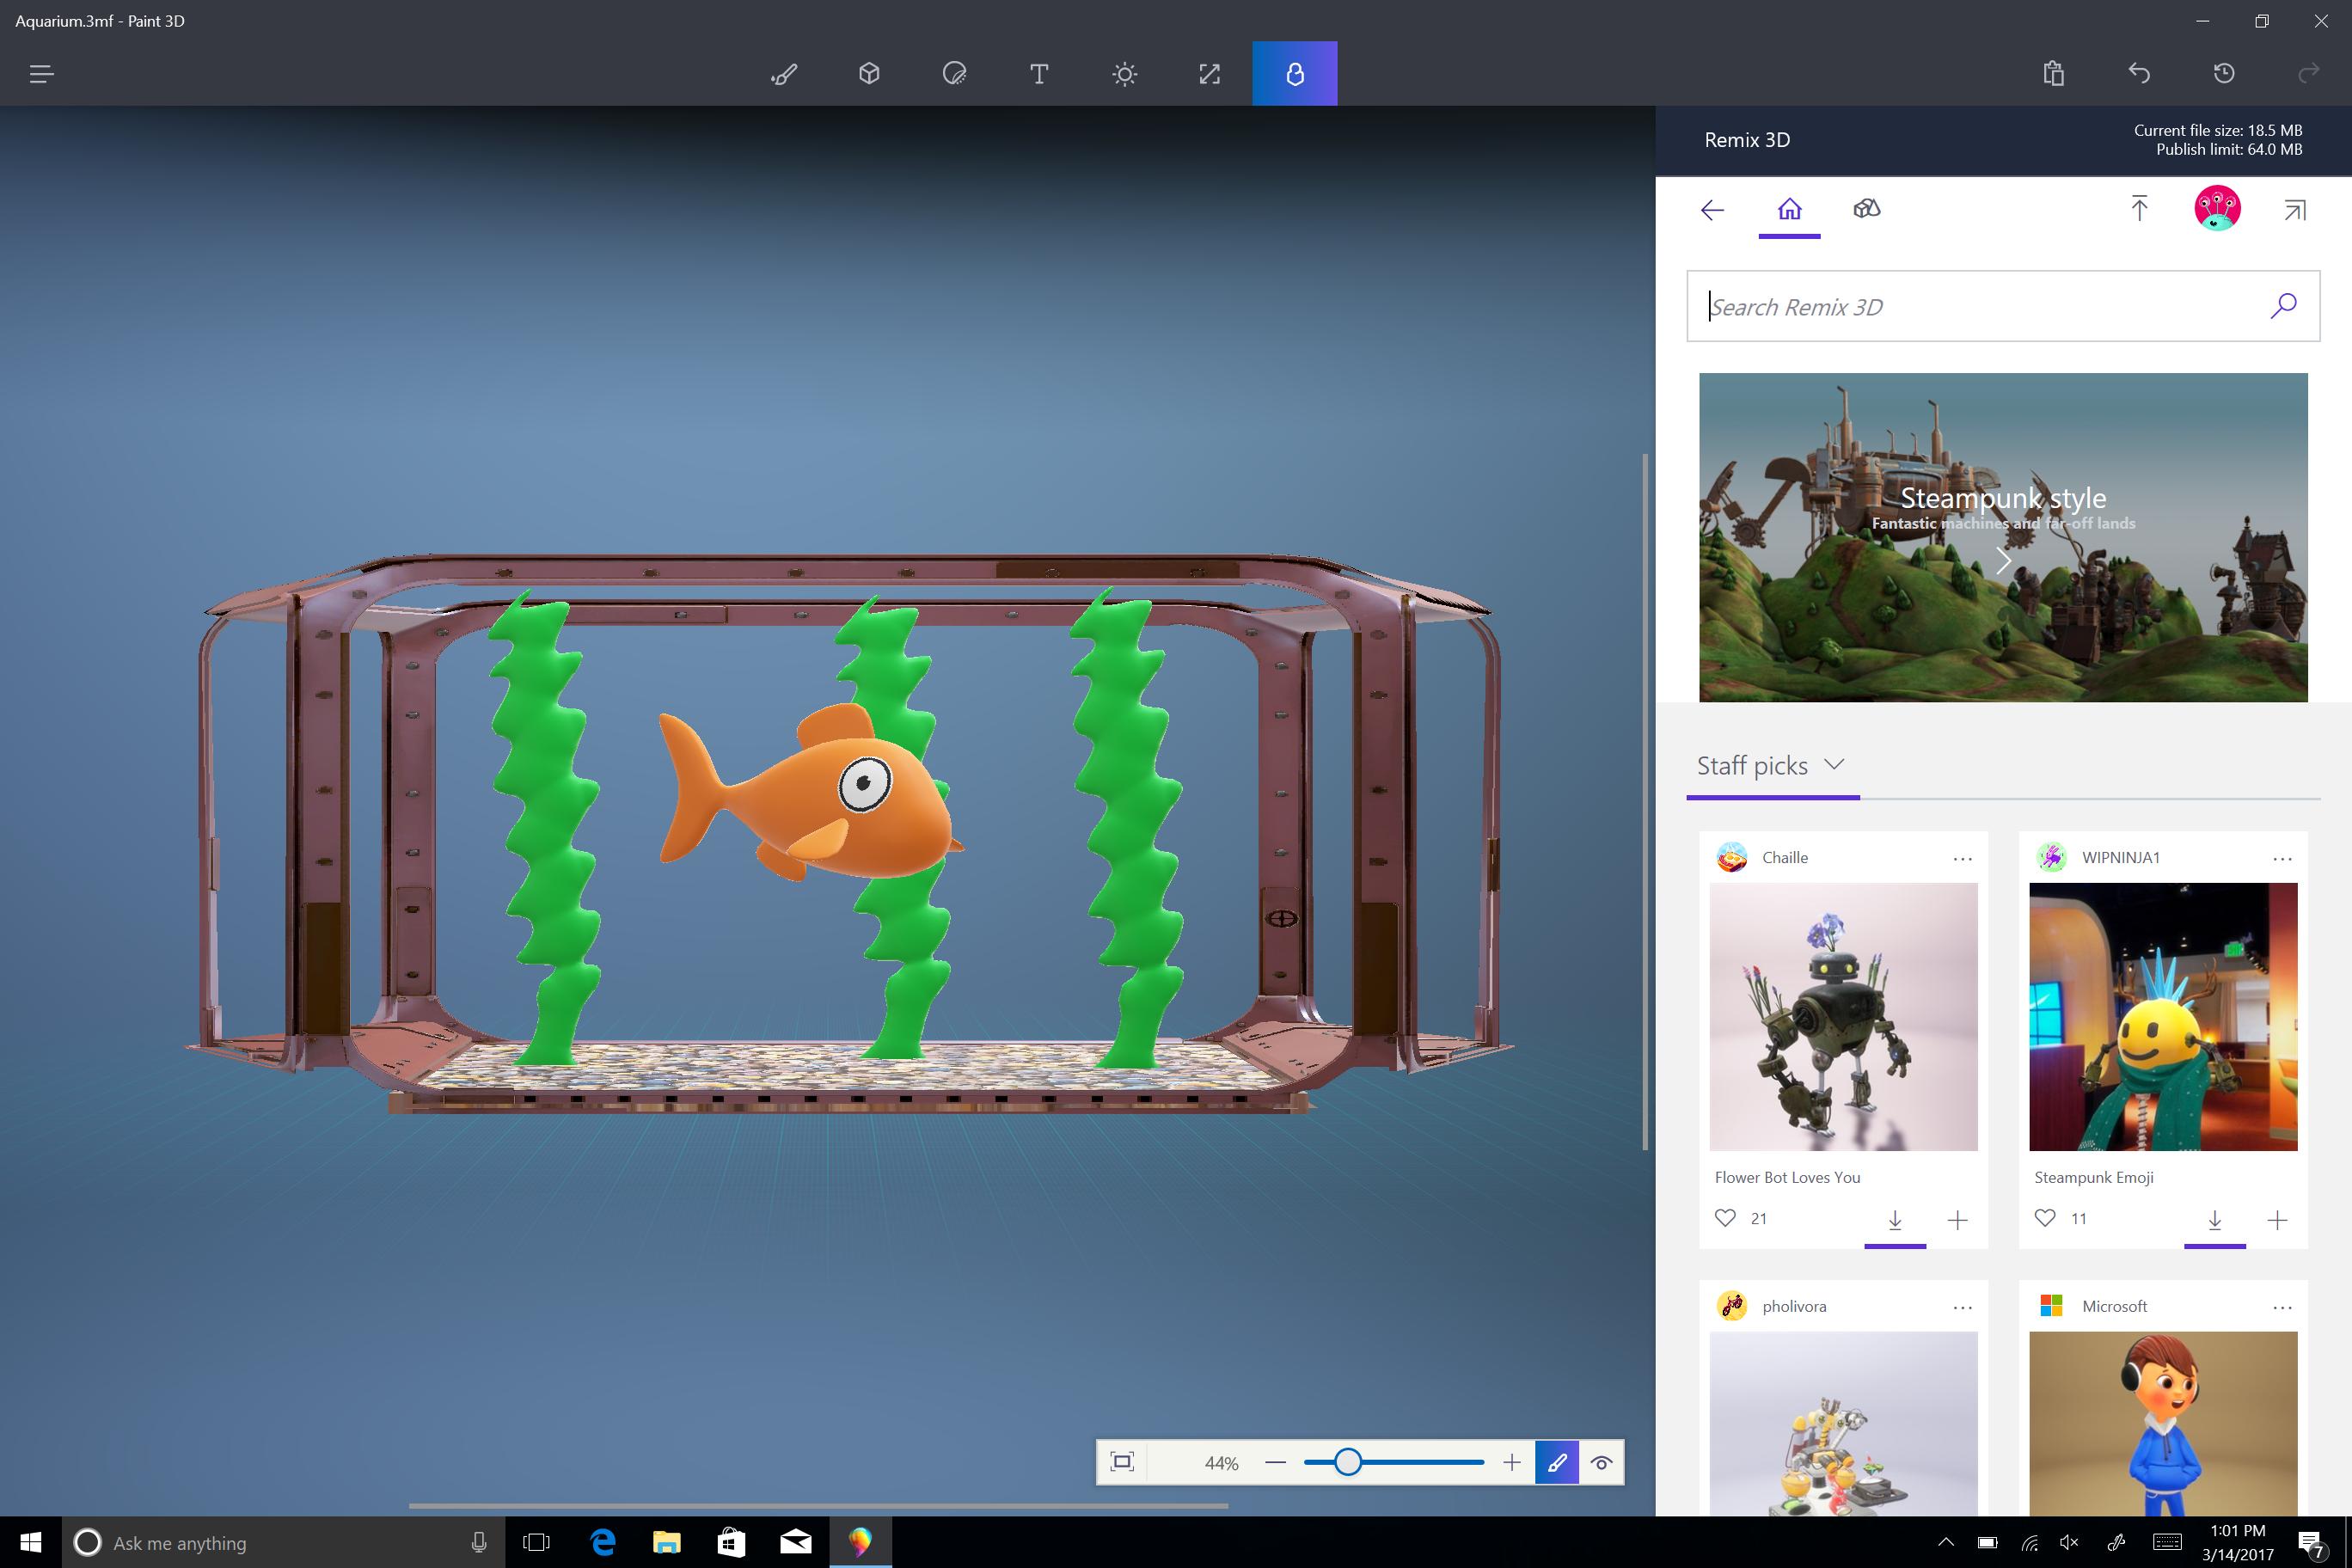 Windows 10 Creators Microsoft Annuncia L 39 Aggiornamento A Partire Dall 39 11 Aprile Windowsteca Blog